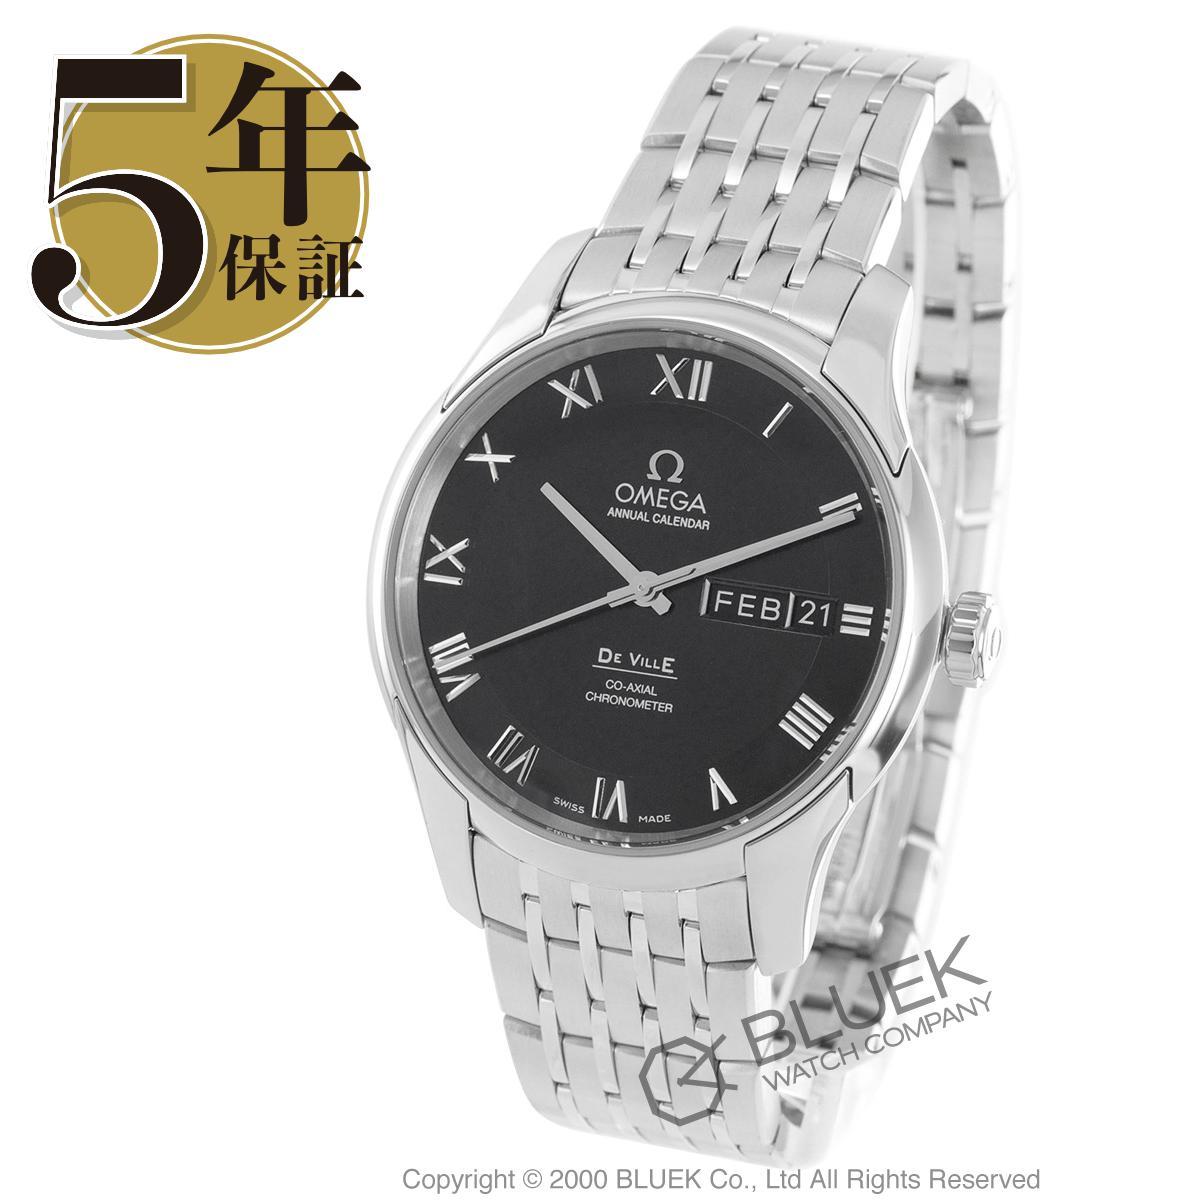 オメガ デビル アニュアルカレンダー 腕時計 メンズ OMEGA 431.10.41.22.01.001_5